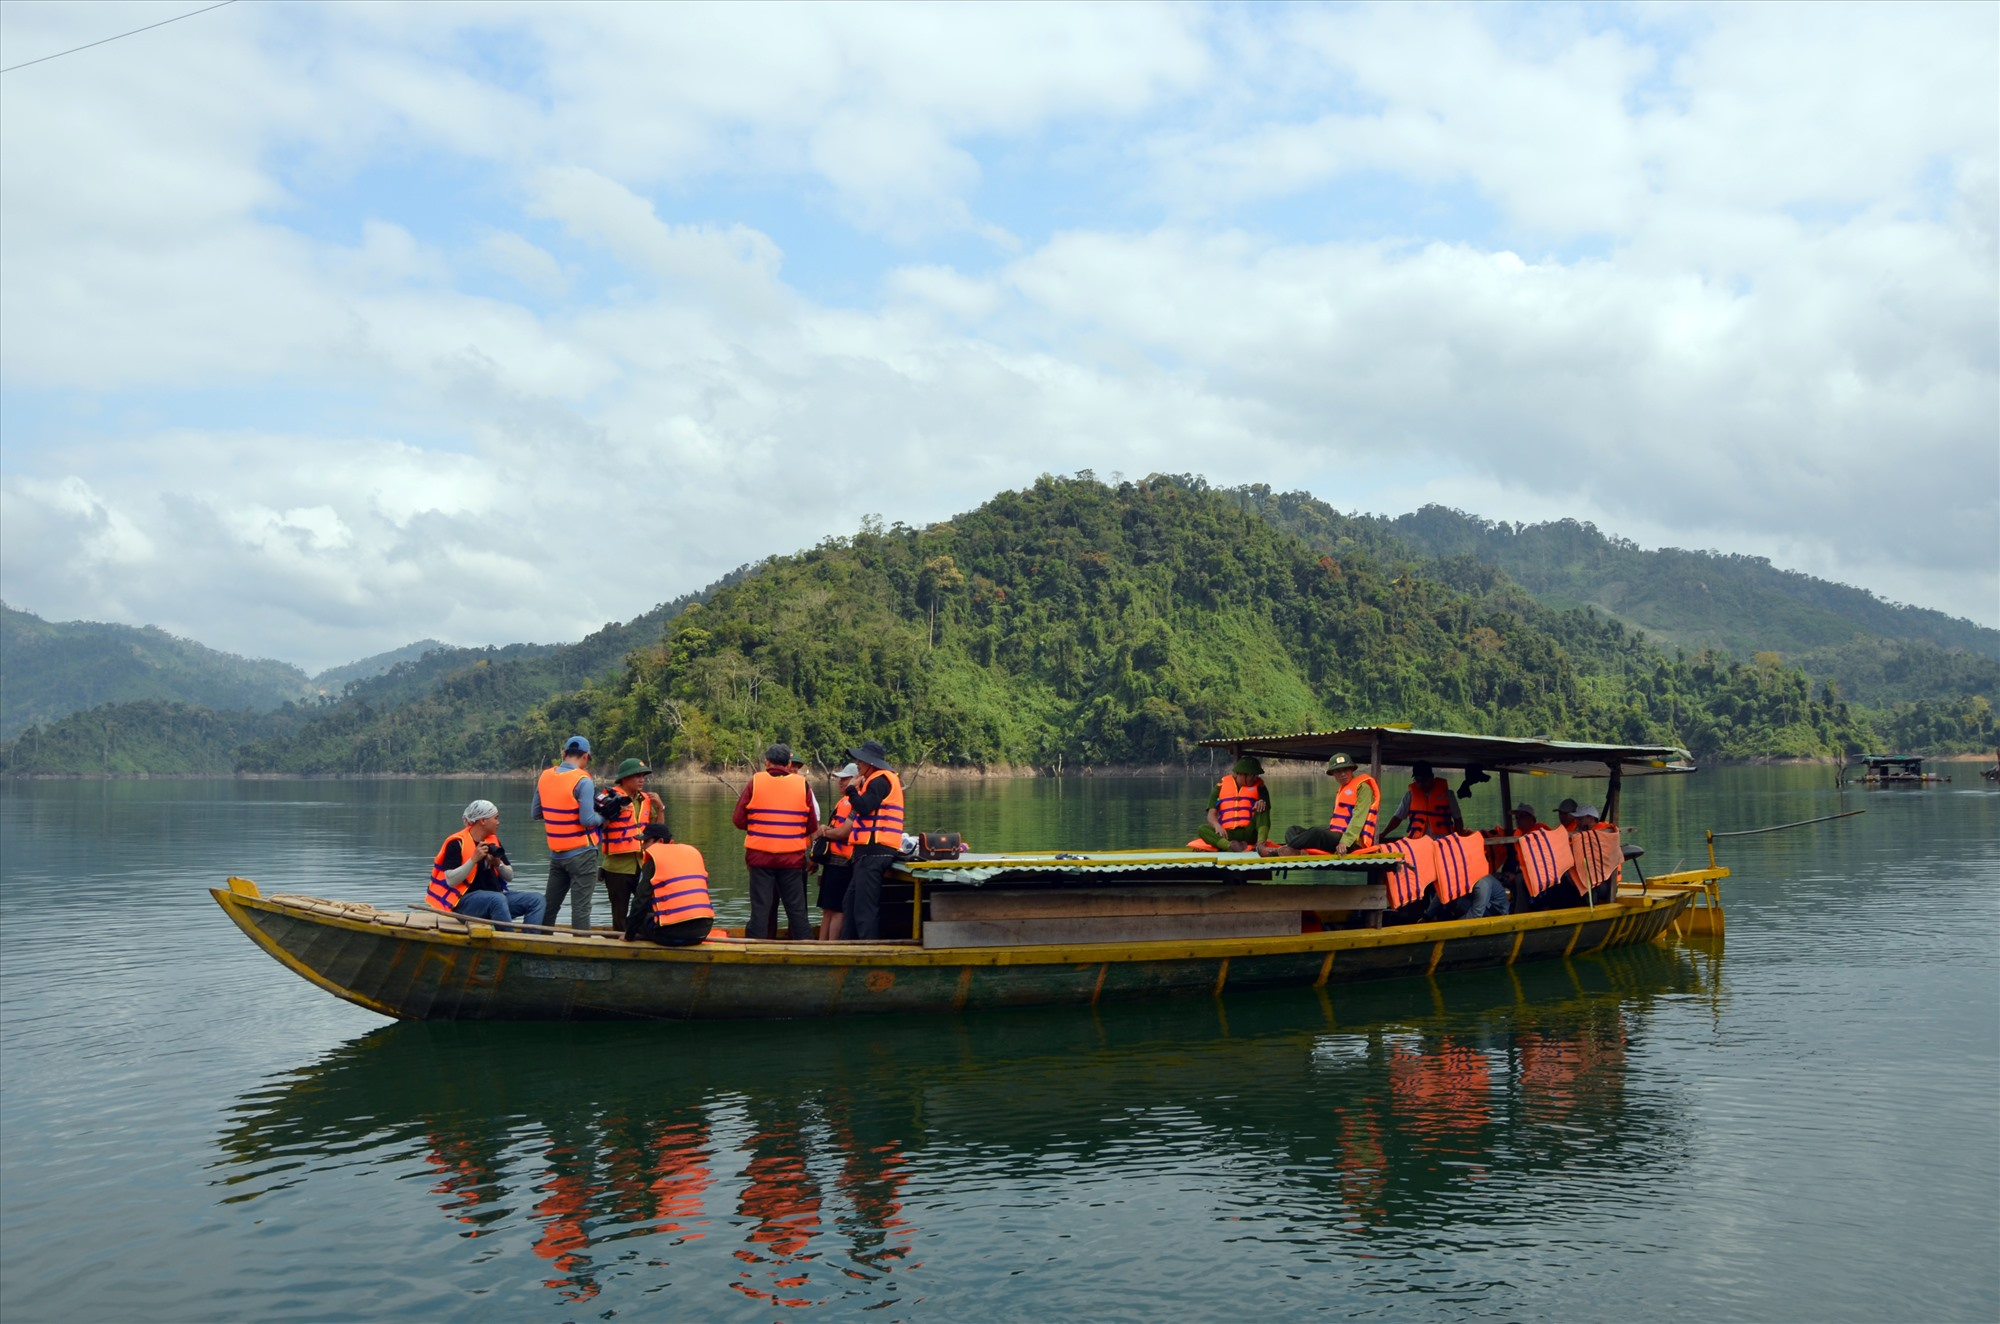 Tuần tra, kiểm tra rừng trong Vườn quốc gia Sông Thanh. Ảnh: H.P